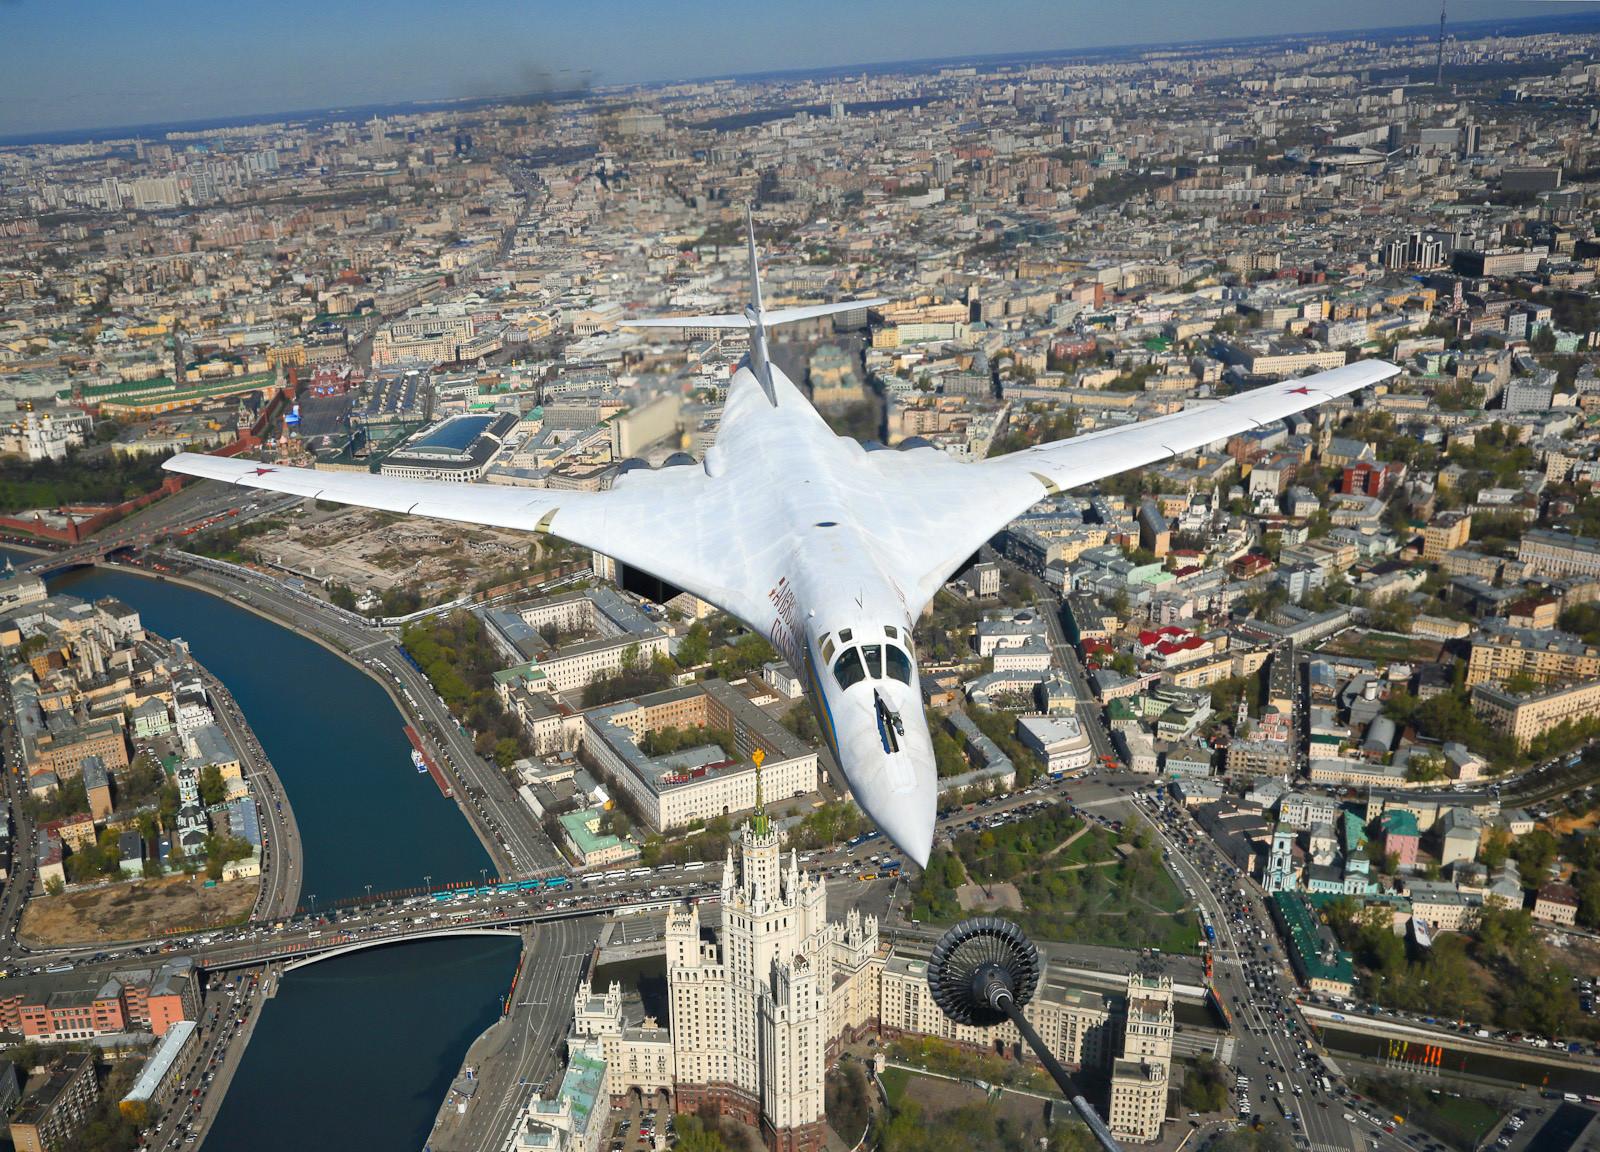 Le bombardier stratégique Tupolev Tu-160 dans le ciel au-dessus de Moscou